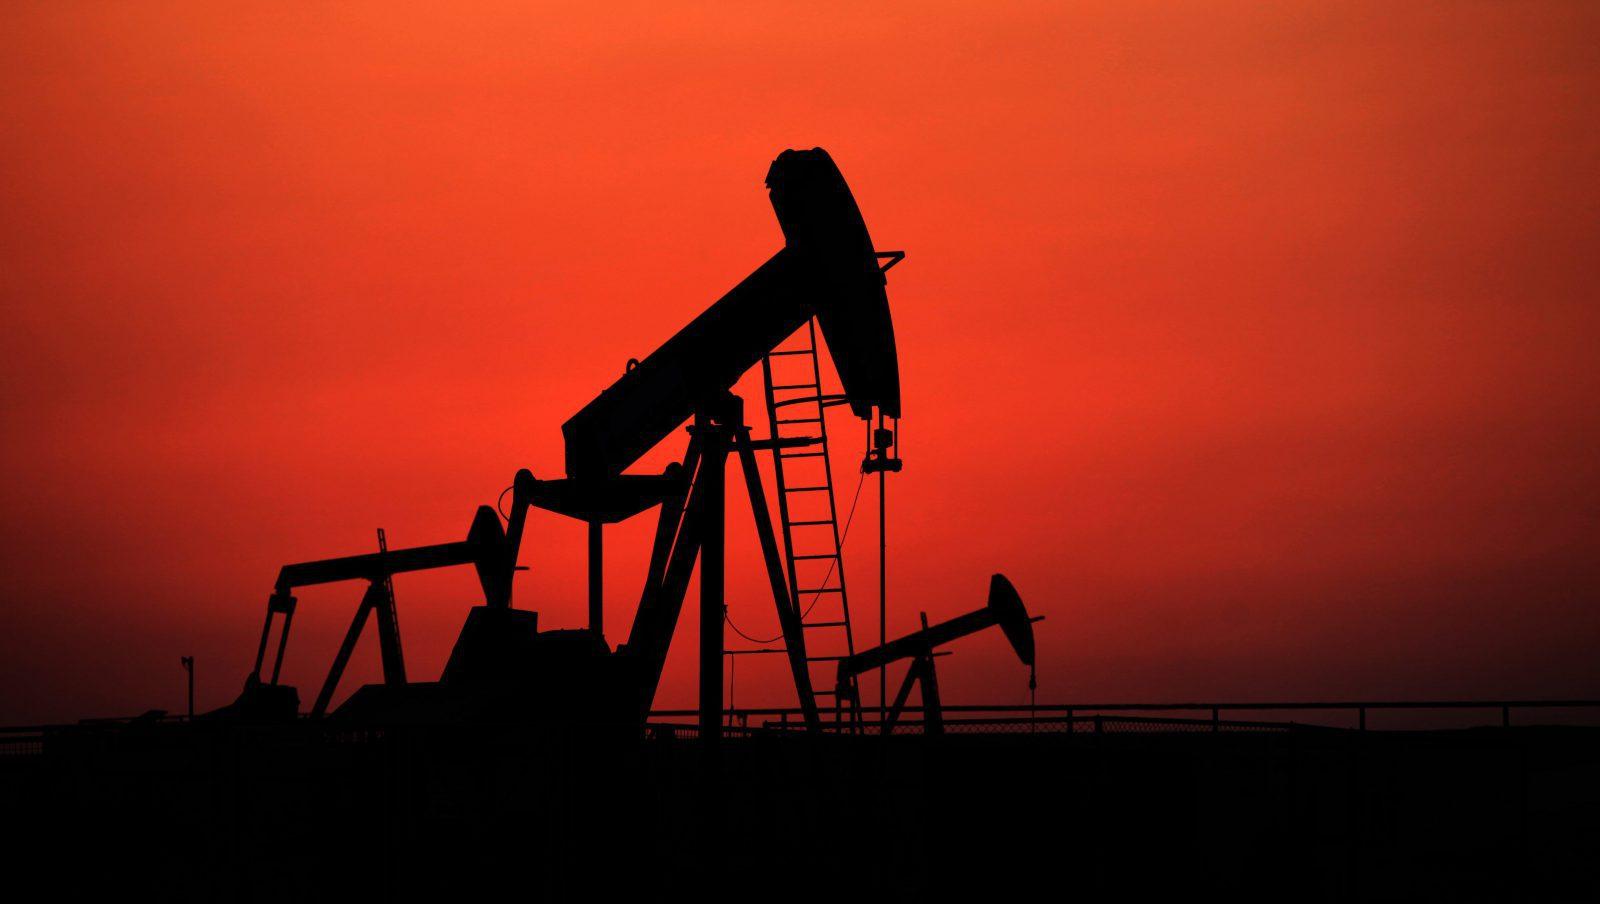 Oil pumps work at sunset on Sept. 11, 2013, in the desert oil fields of Sakhir, Bahrain.